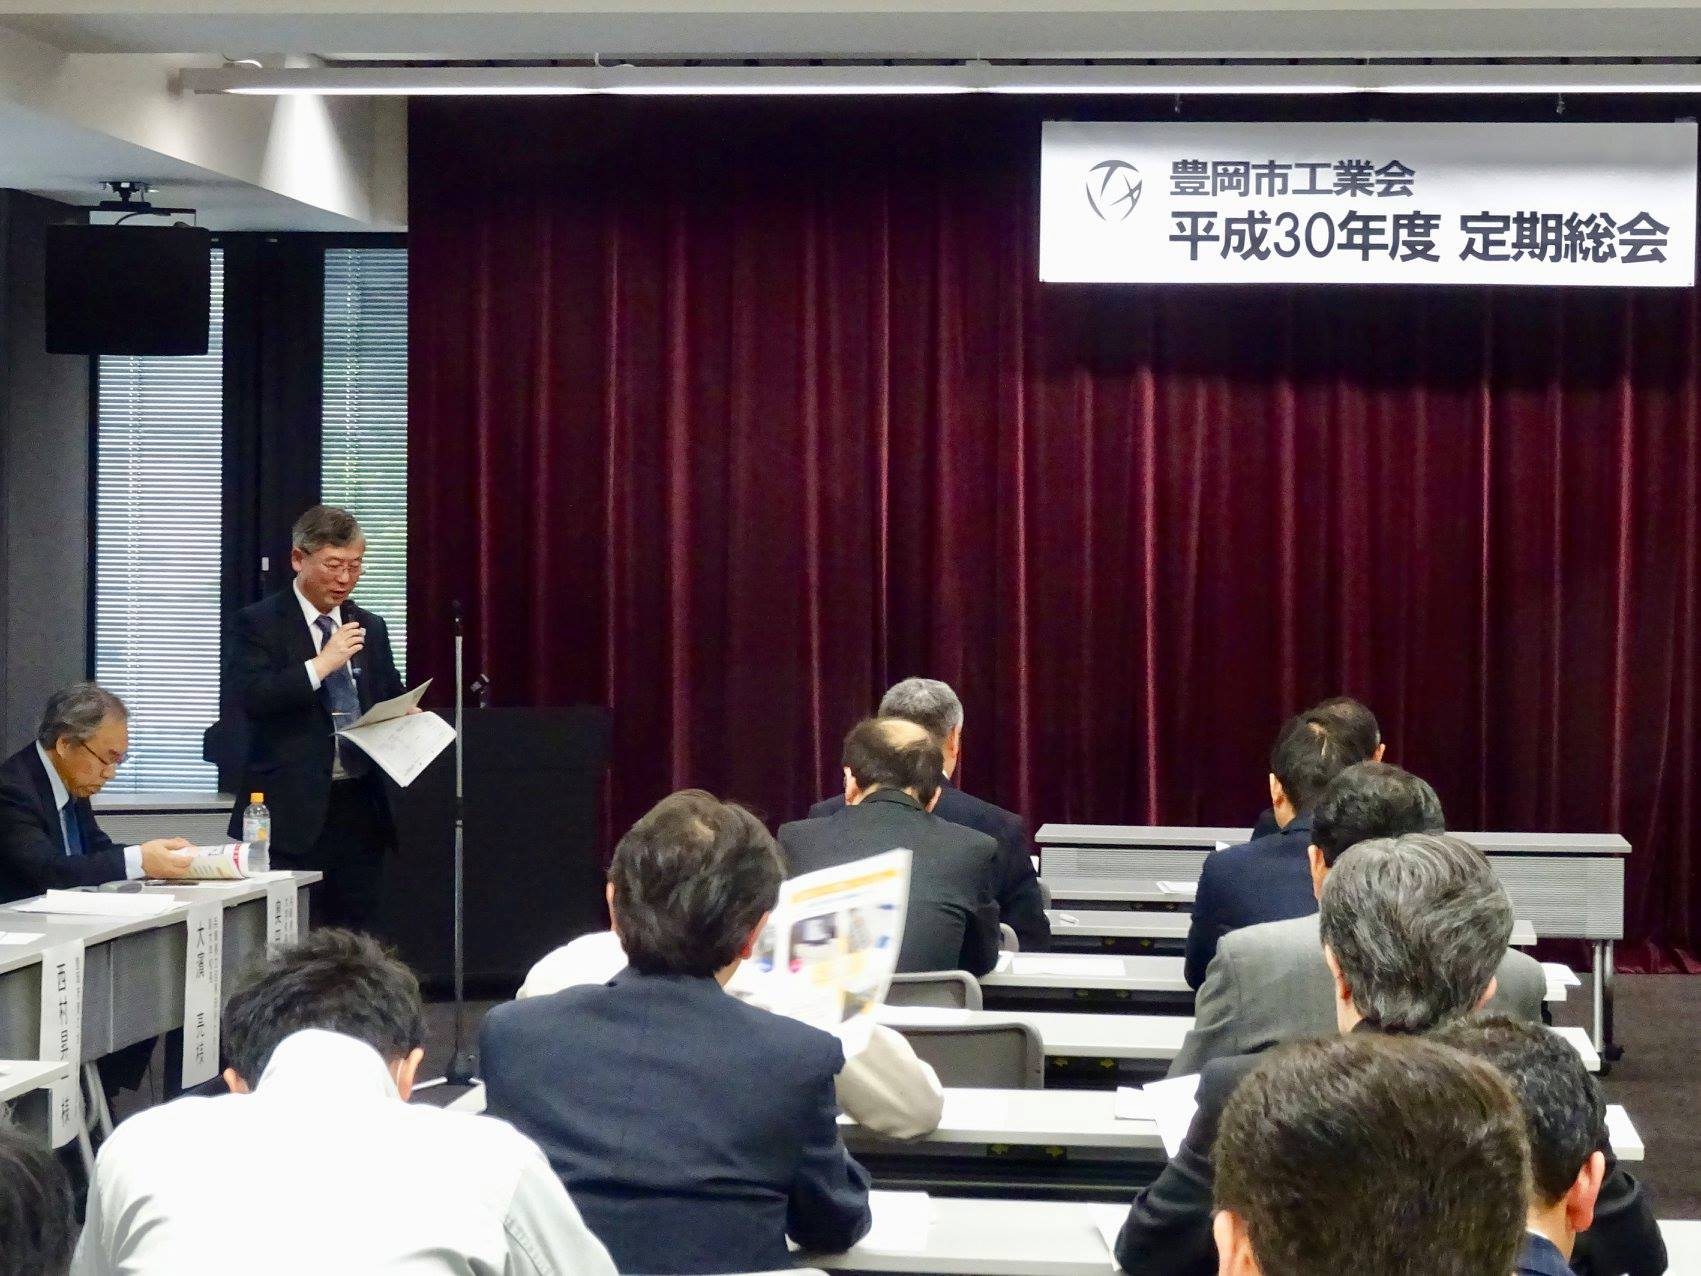 豊岡市工業会 平成30年度 定期総会